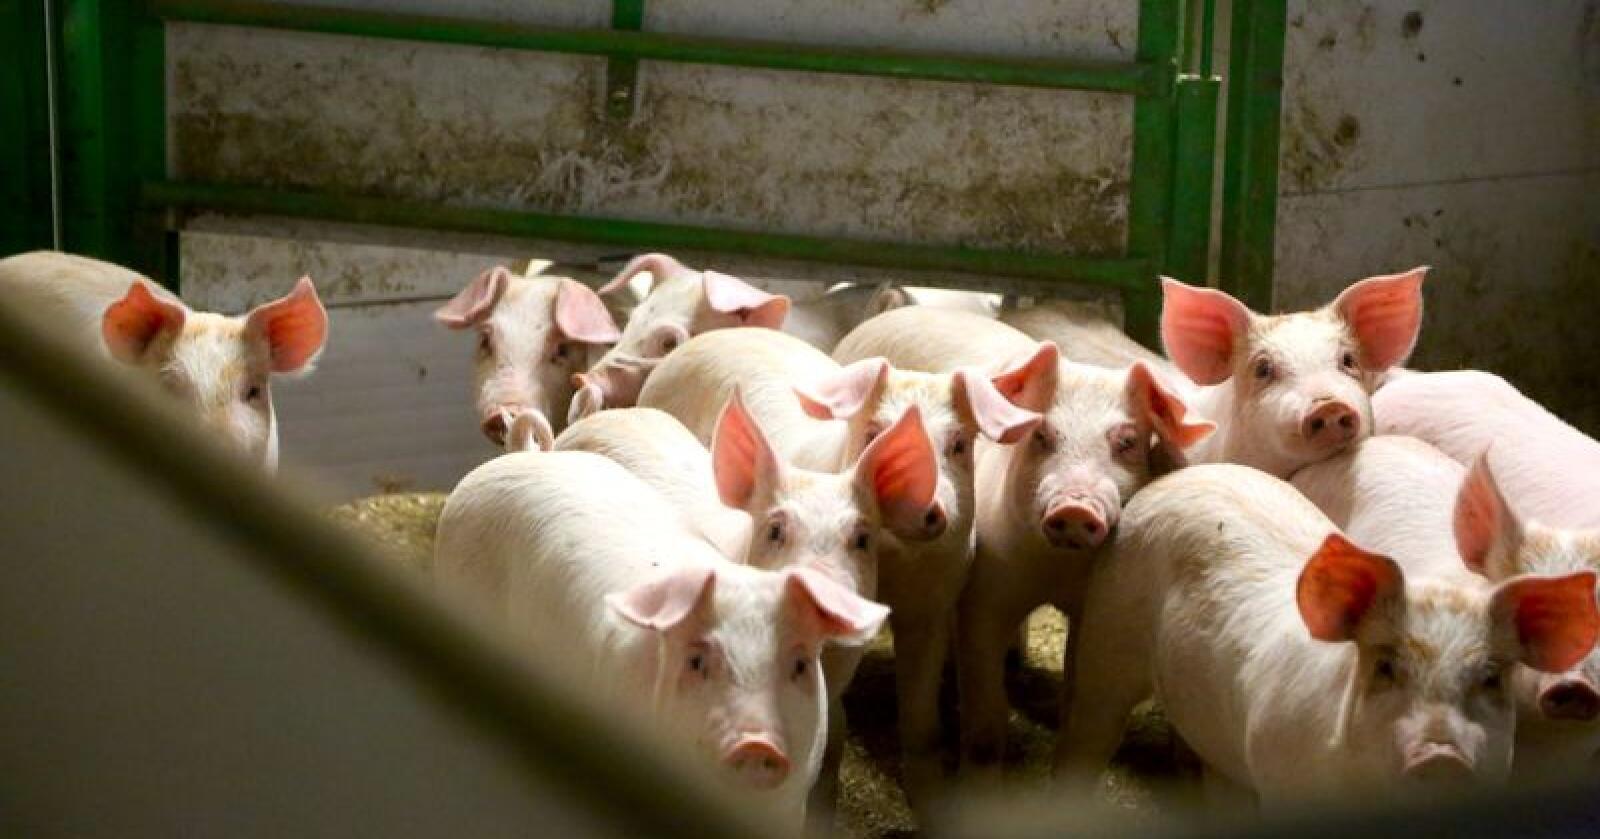 Veterinærforeningen mener at regelmessig kontakt mellom dyreeier og veterinær er en riktig og nødvendig vei å gå for bedre dyrevelferd. Dette krever økte ressurser, mener foreningen.(Illustrasjonsfoto: Bethi Dirdal Jåtun)